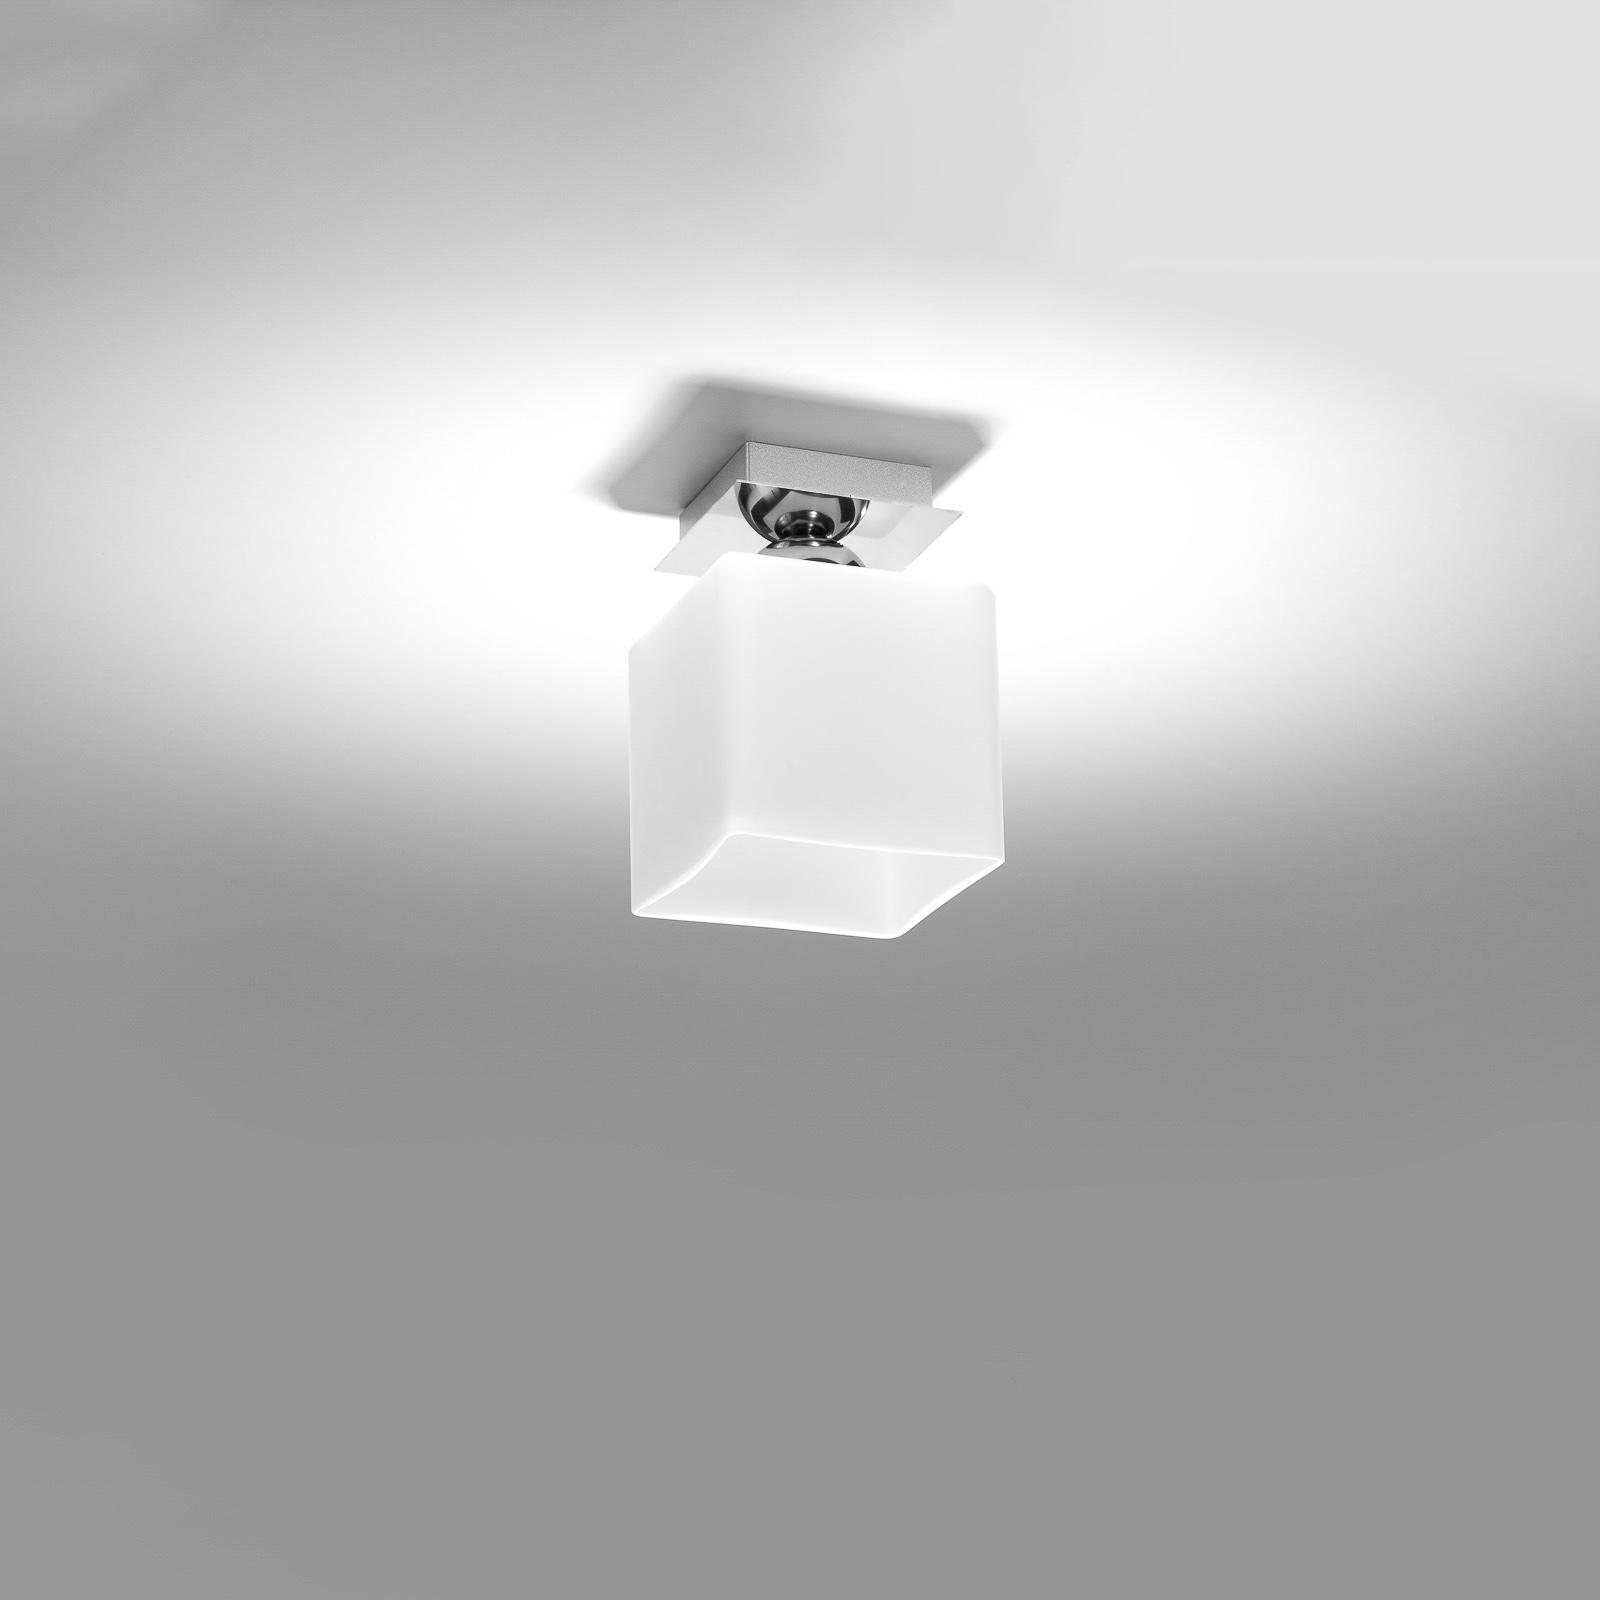 Kattovalaisin Block, opaali/kromi, yksilamppuinen